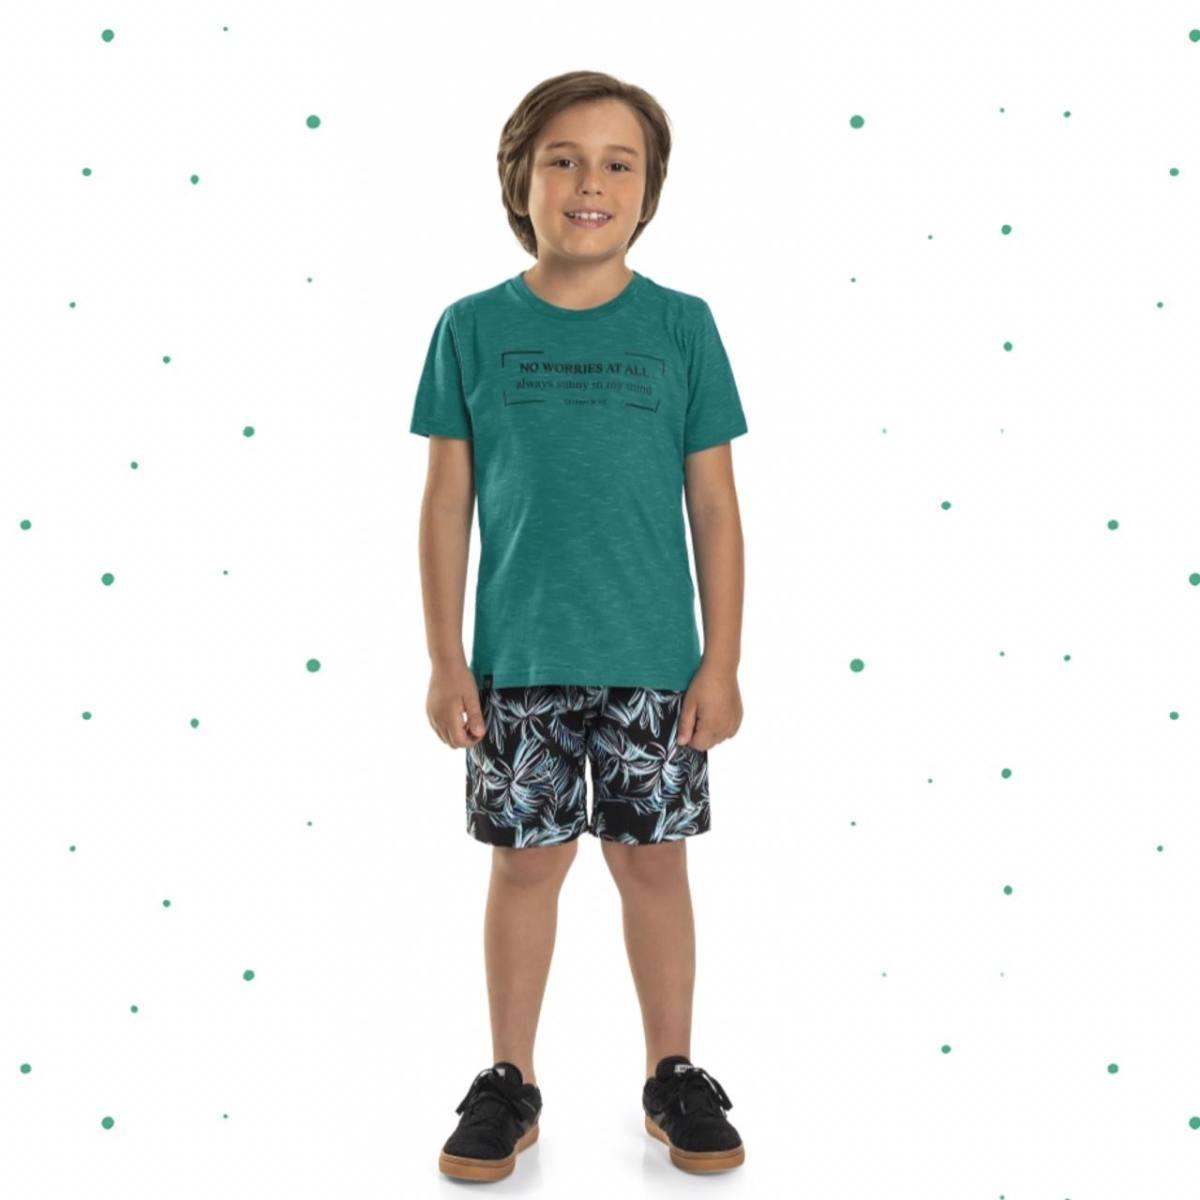 Conjunto Menino Quimby Camiseta em Algodão e Bermuda em Microfibra Sublimada